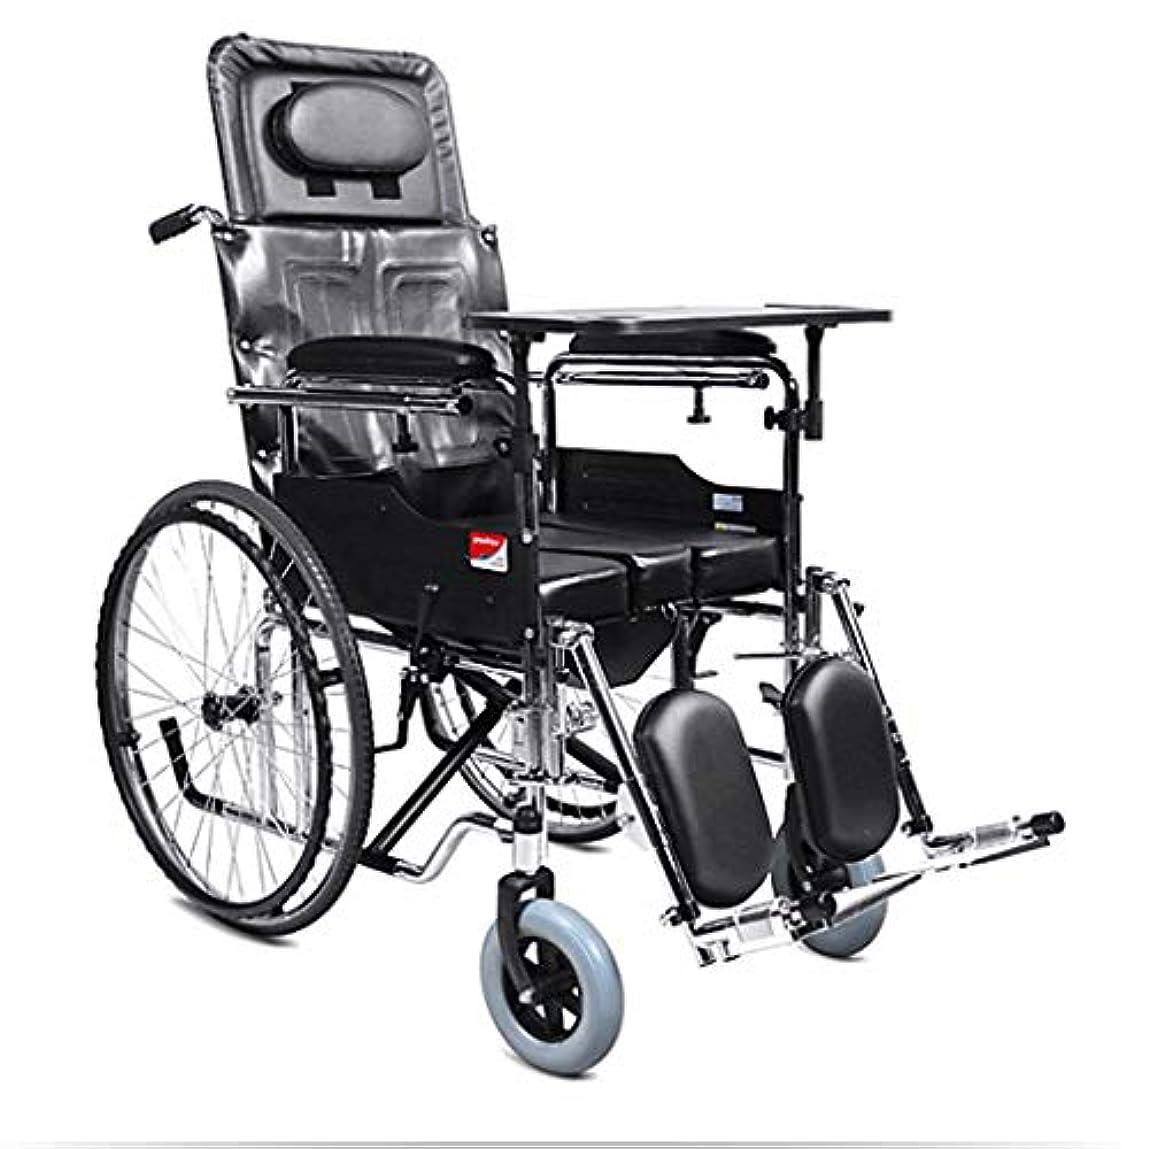 中絶微妙回復する車椅子折りたたみ式、ポータブル高齢者屋外旅行トロリー、アルミフレーム車椅子